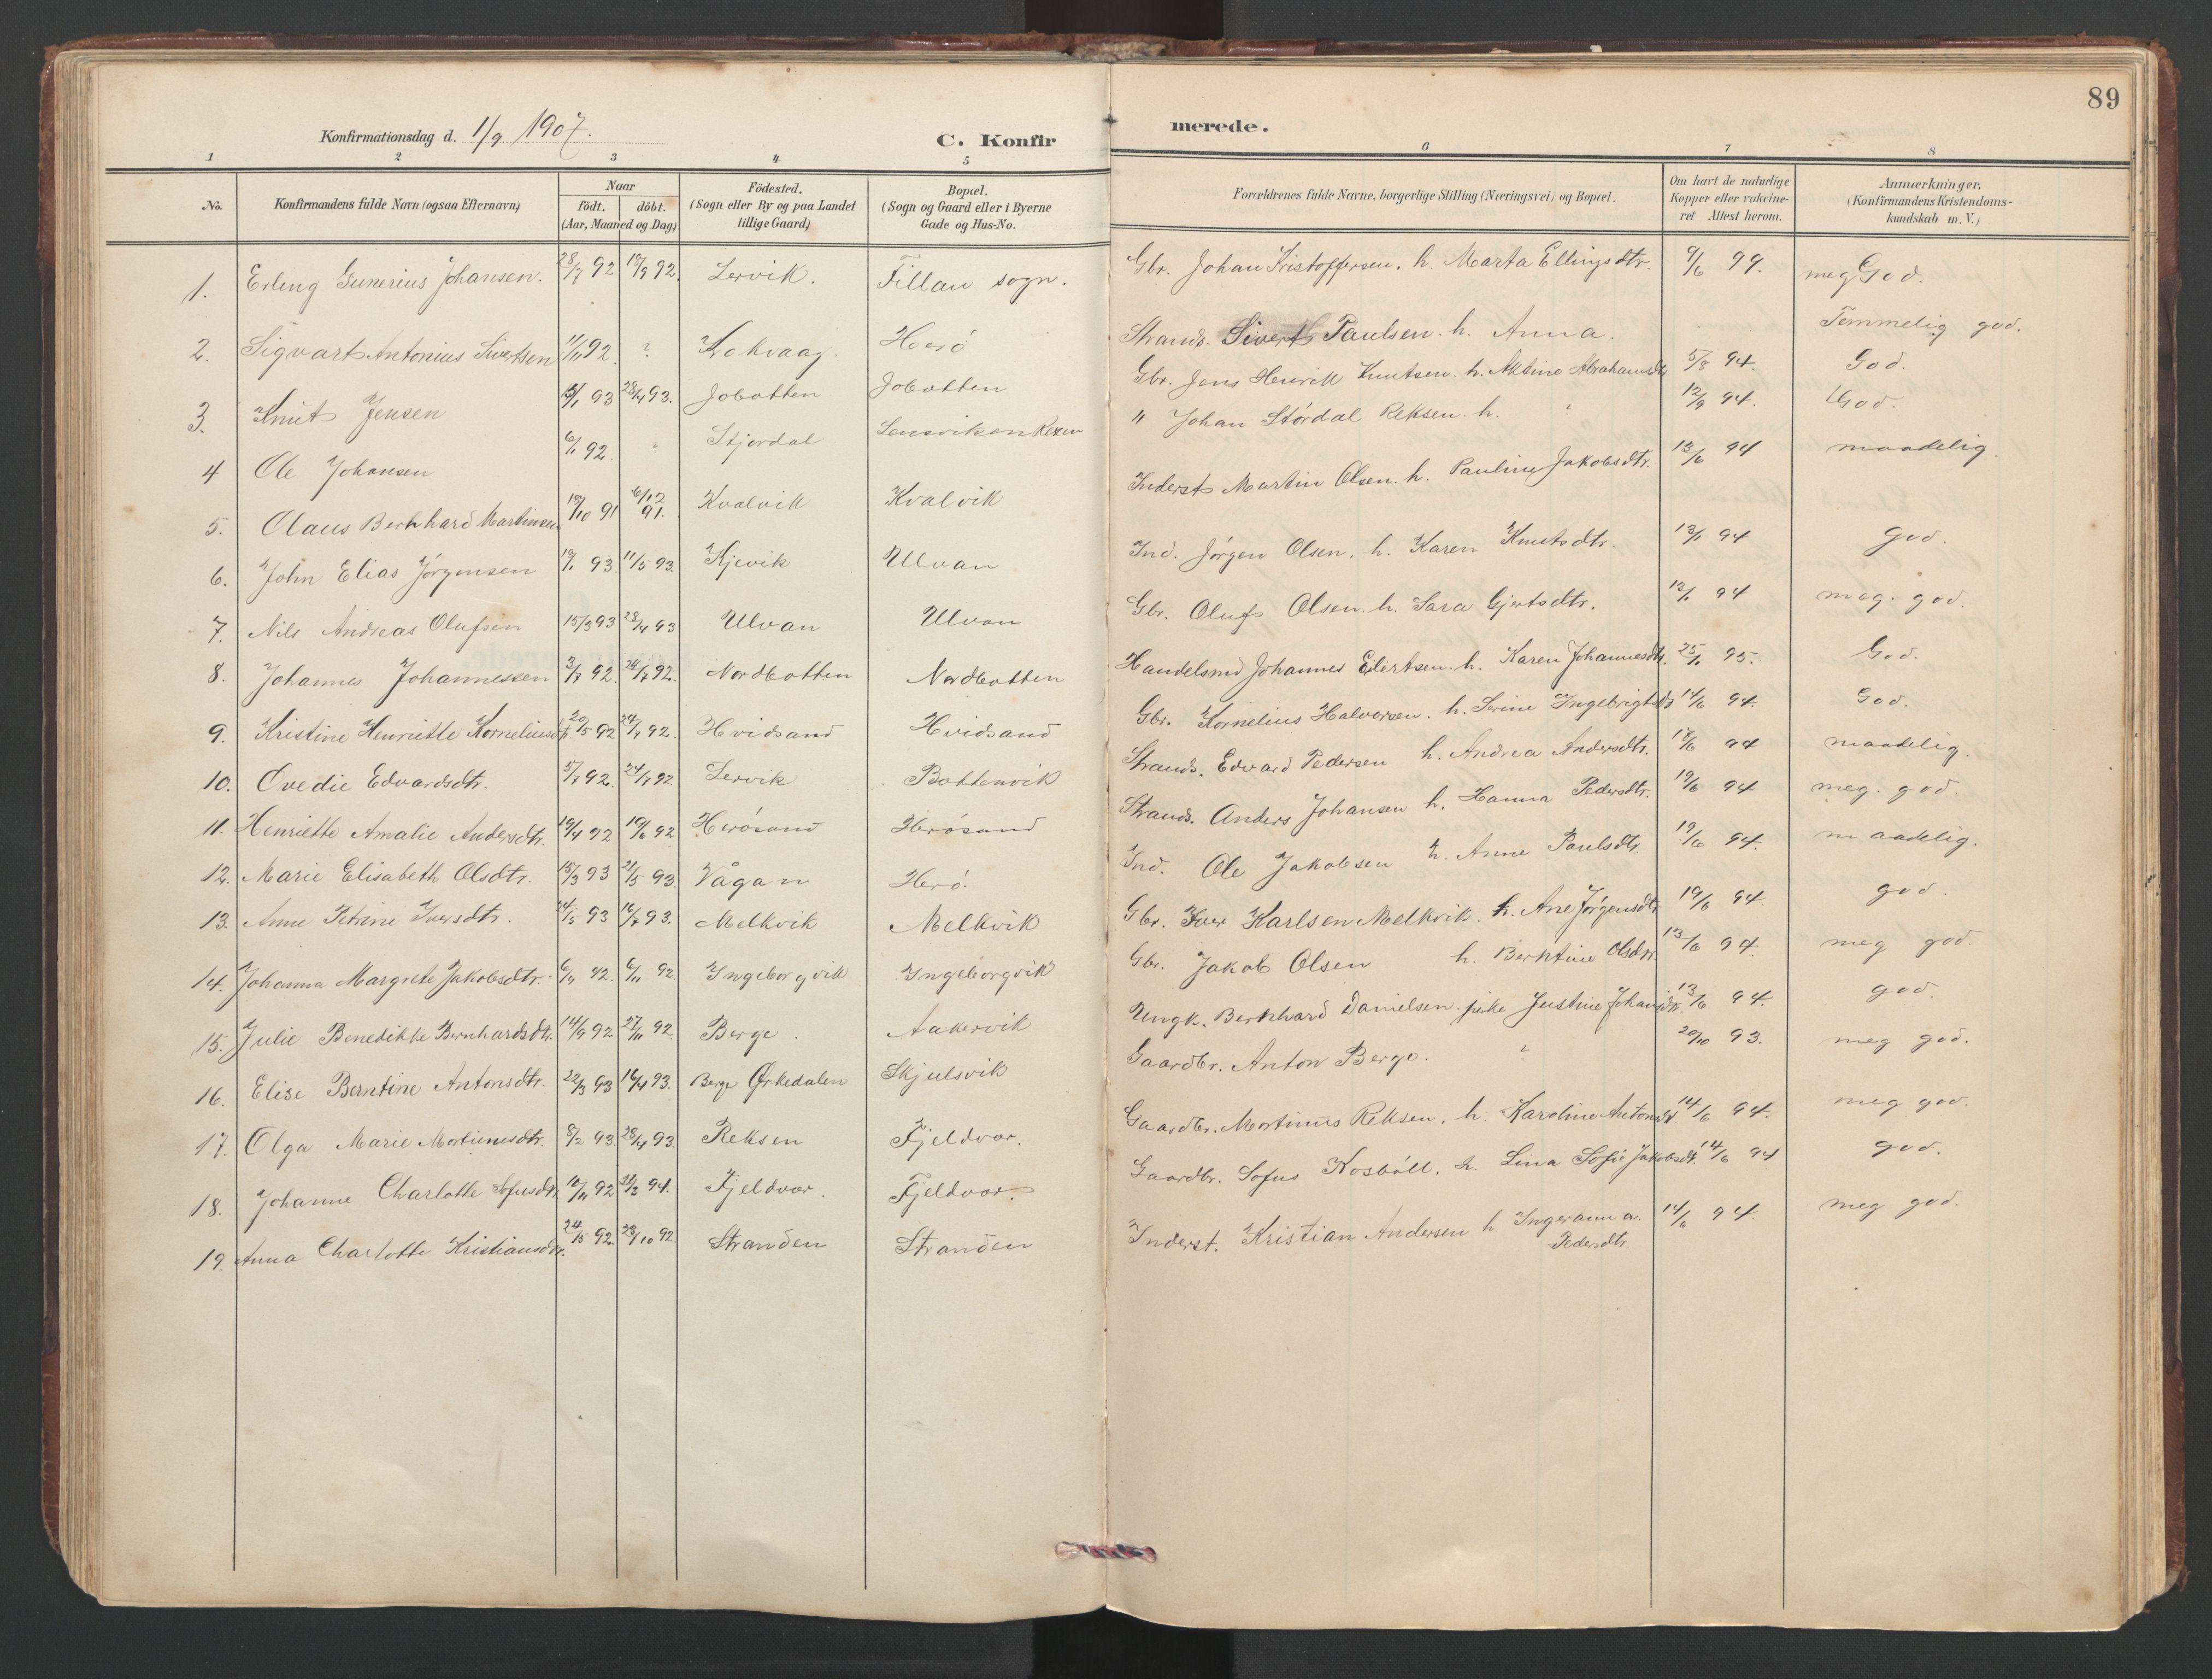 SAT, Ministerialprotokoller, klokkerbøker og fødselsregistre - Sør-Trøndelag, 638/L0571: Klokkerbok nr. 638C03, 1901-1930, s. 89